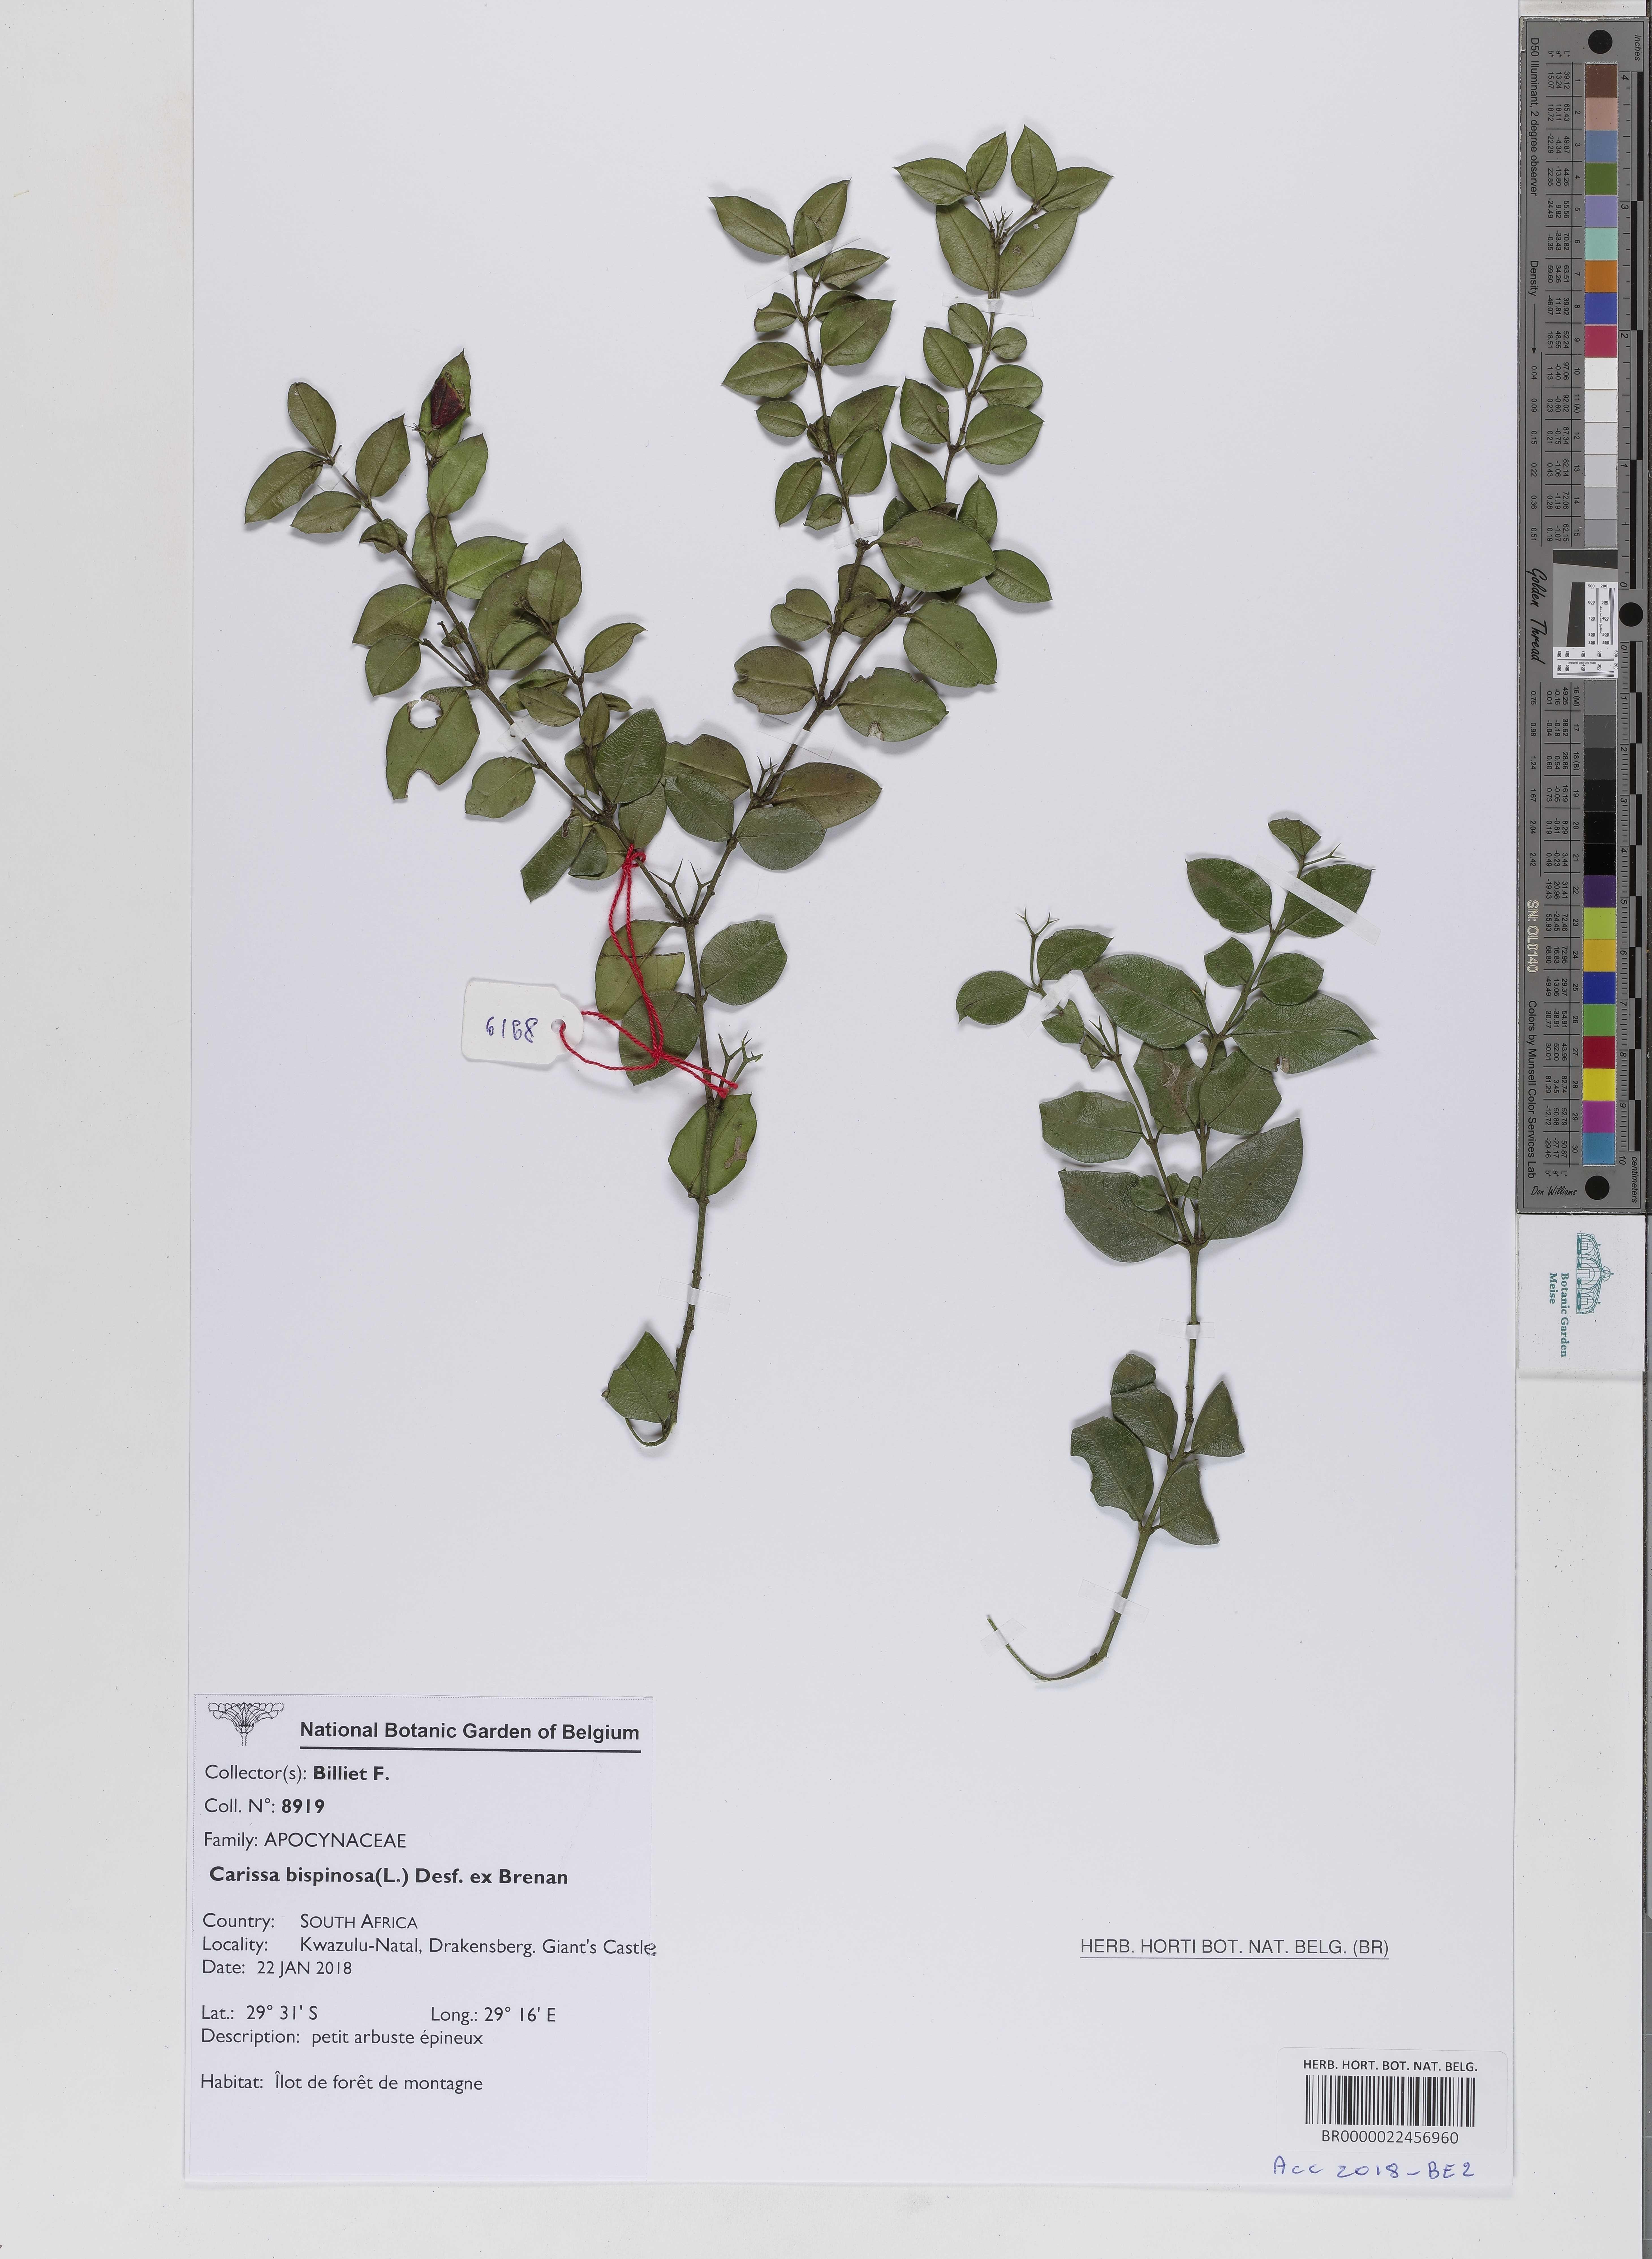 image/jpeg Meise Botanic Garden